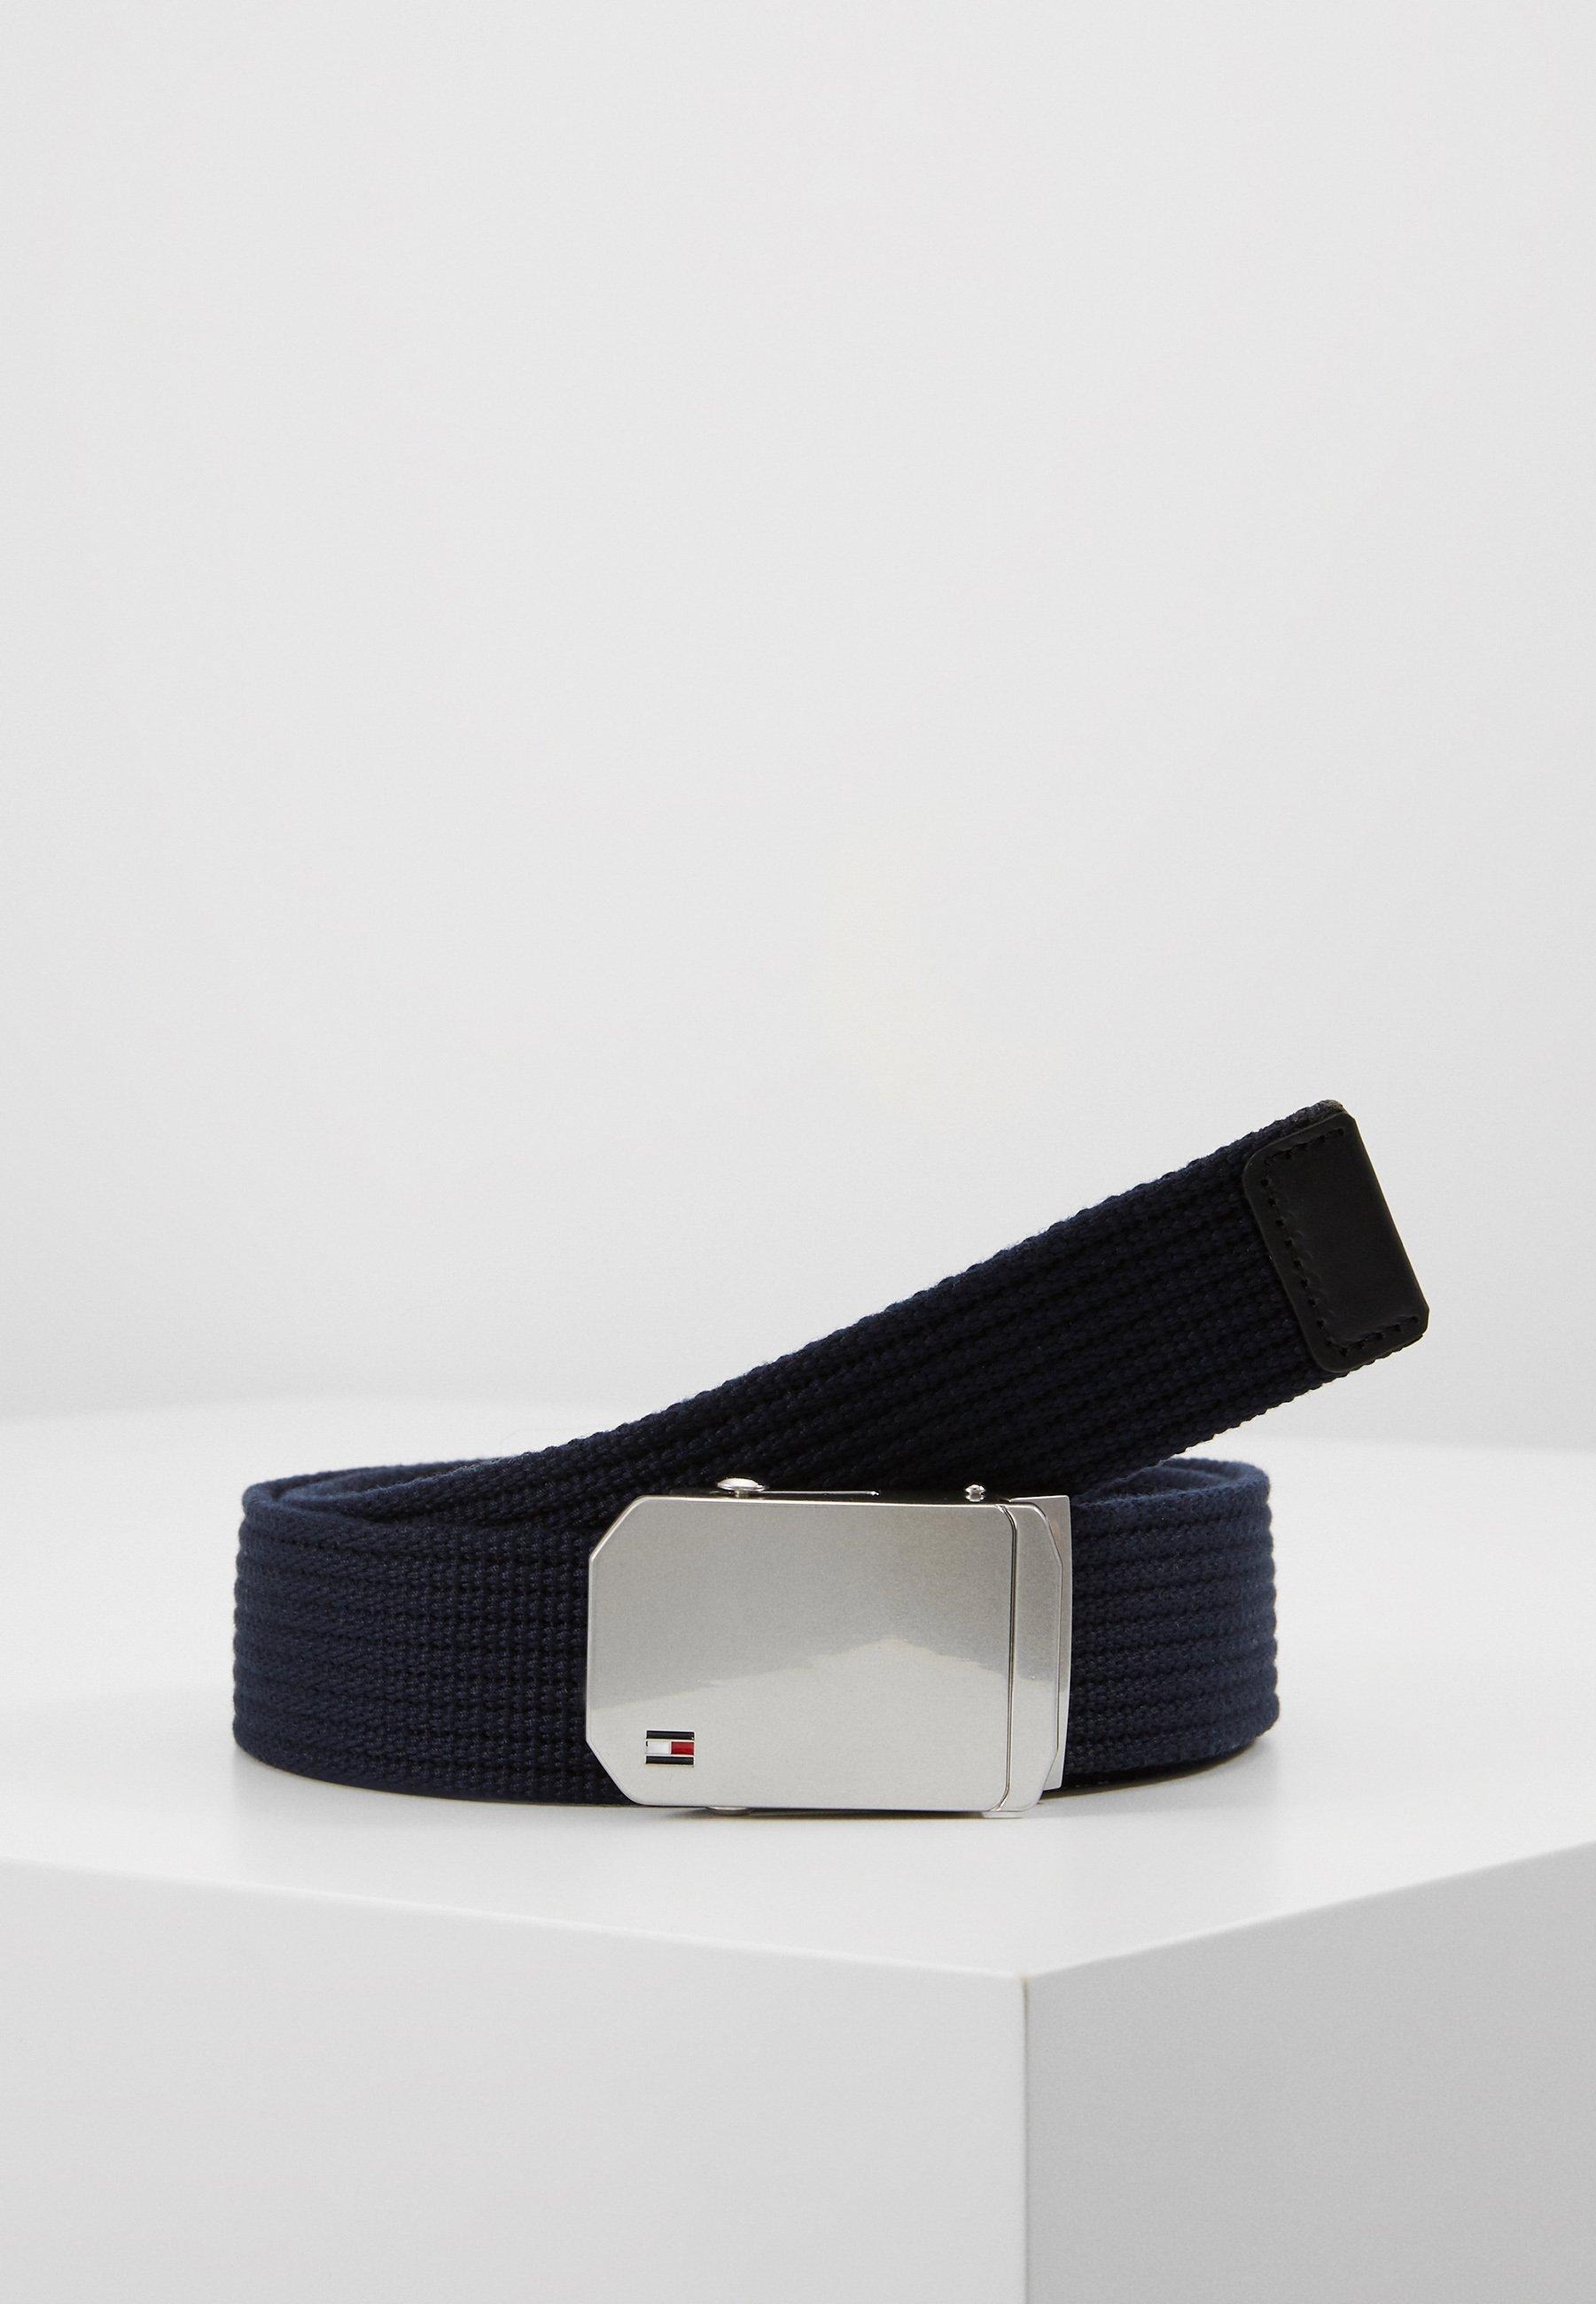 SLIDER BUCKLE Belt blue